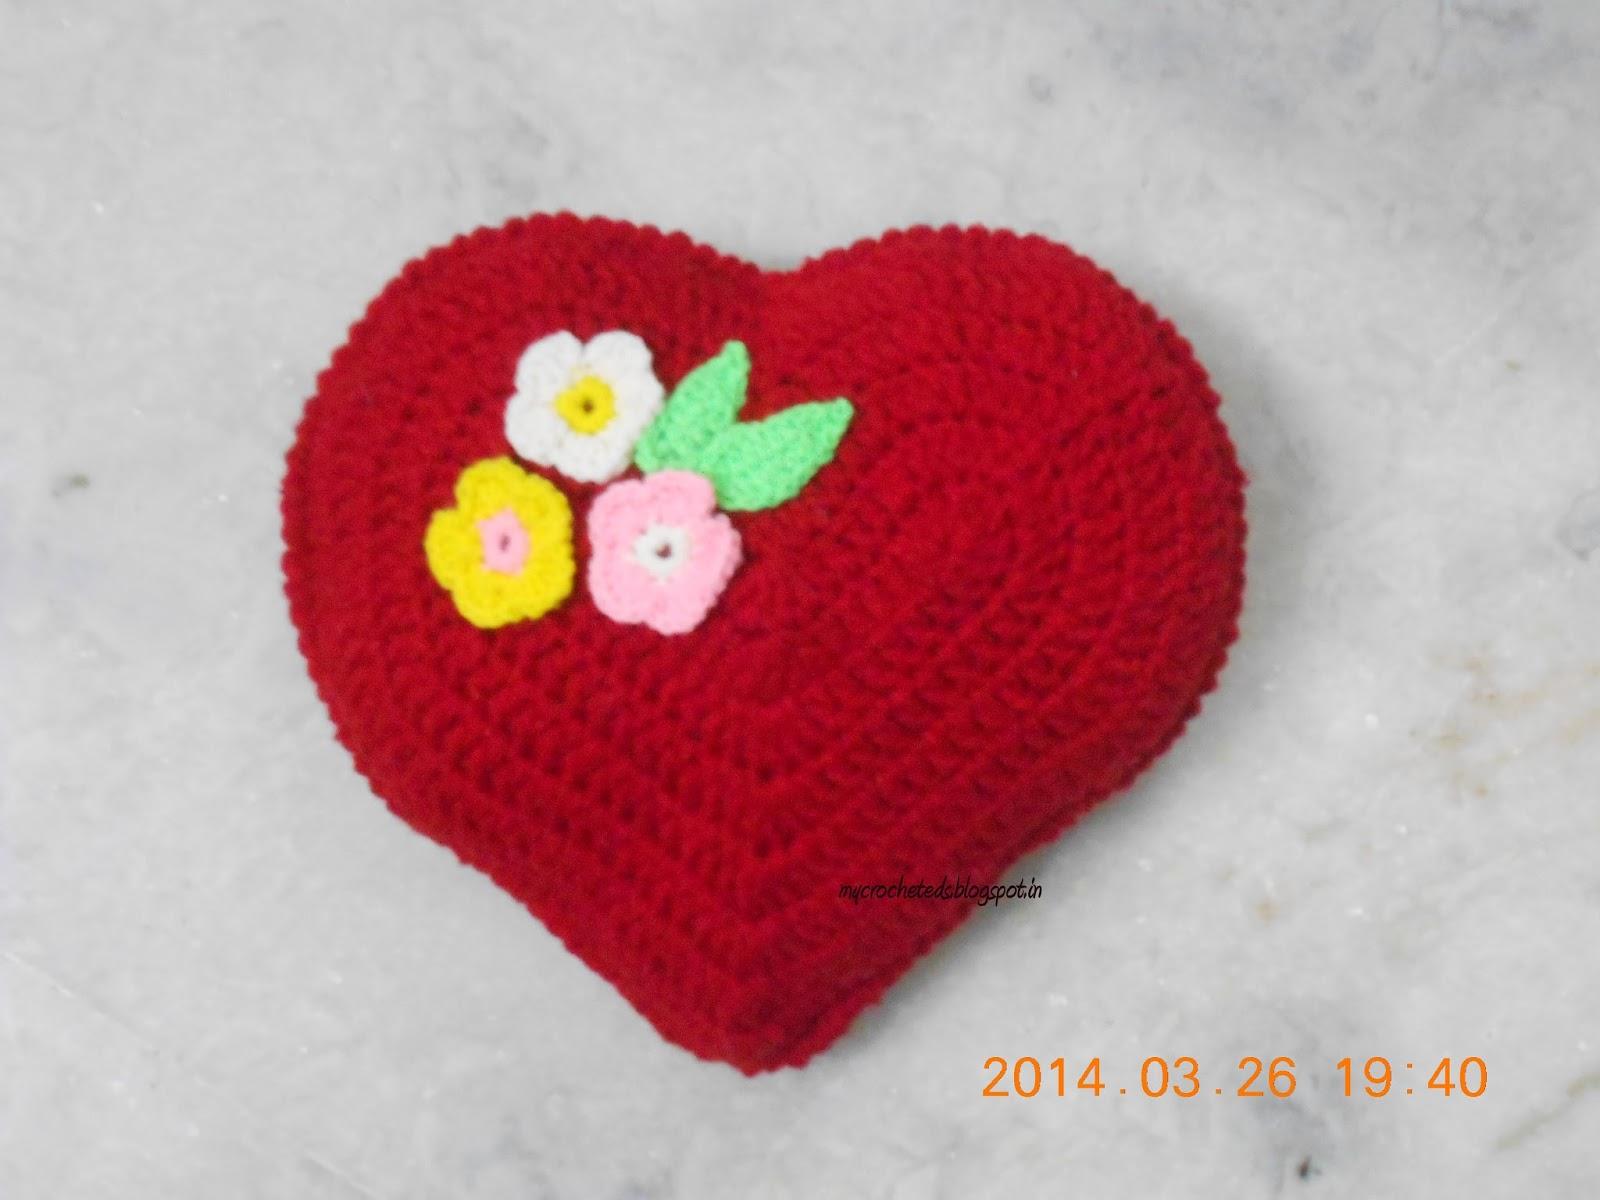 Mycrocheteds Heart Hot Heart